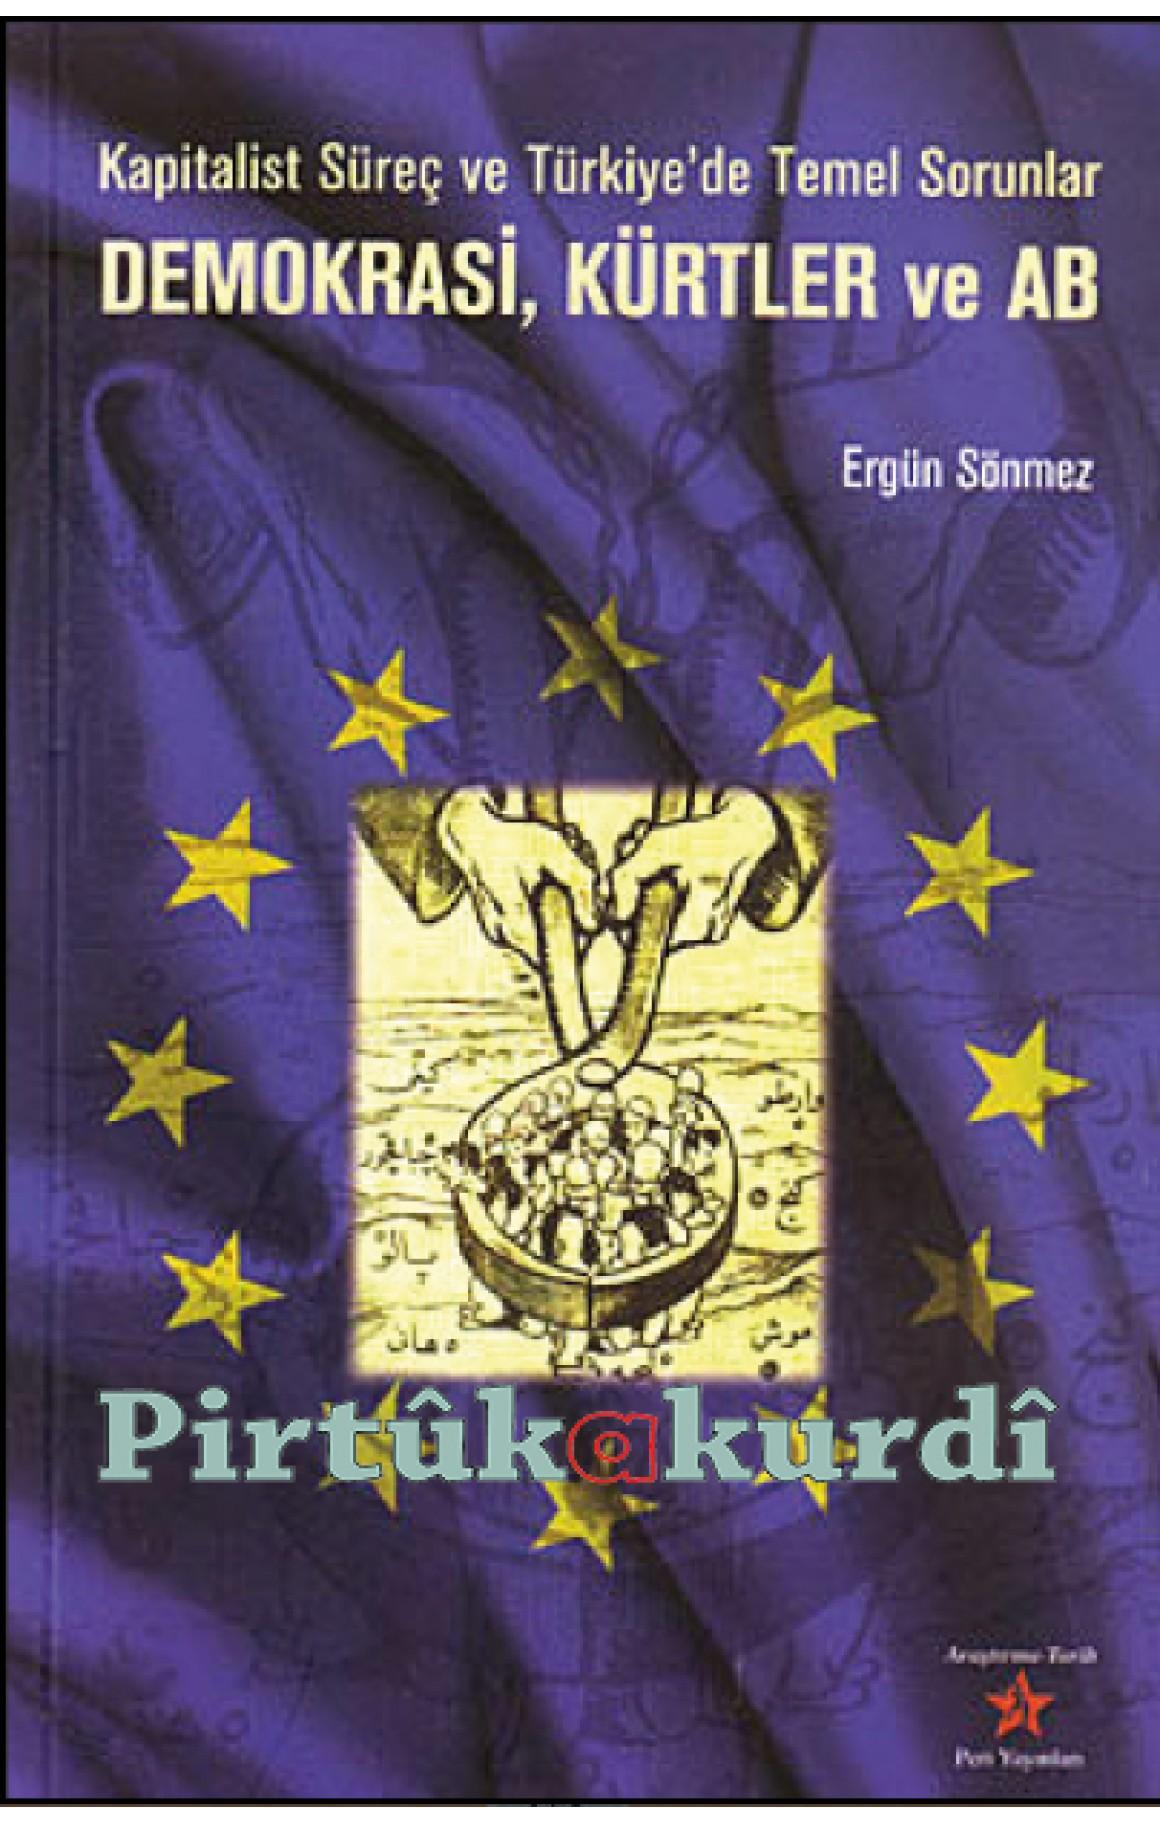 Demokrasi, Kürtler ve AB (Kapitalist Süreç ve Türkiye'de Temel Sorunlar)